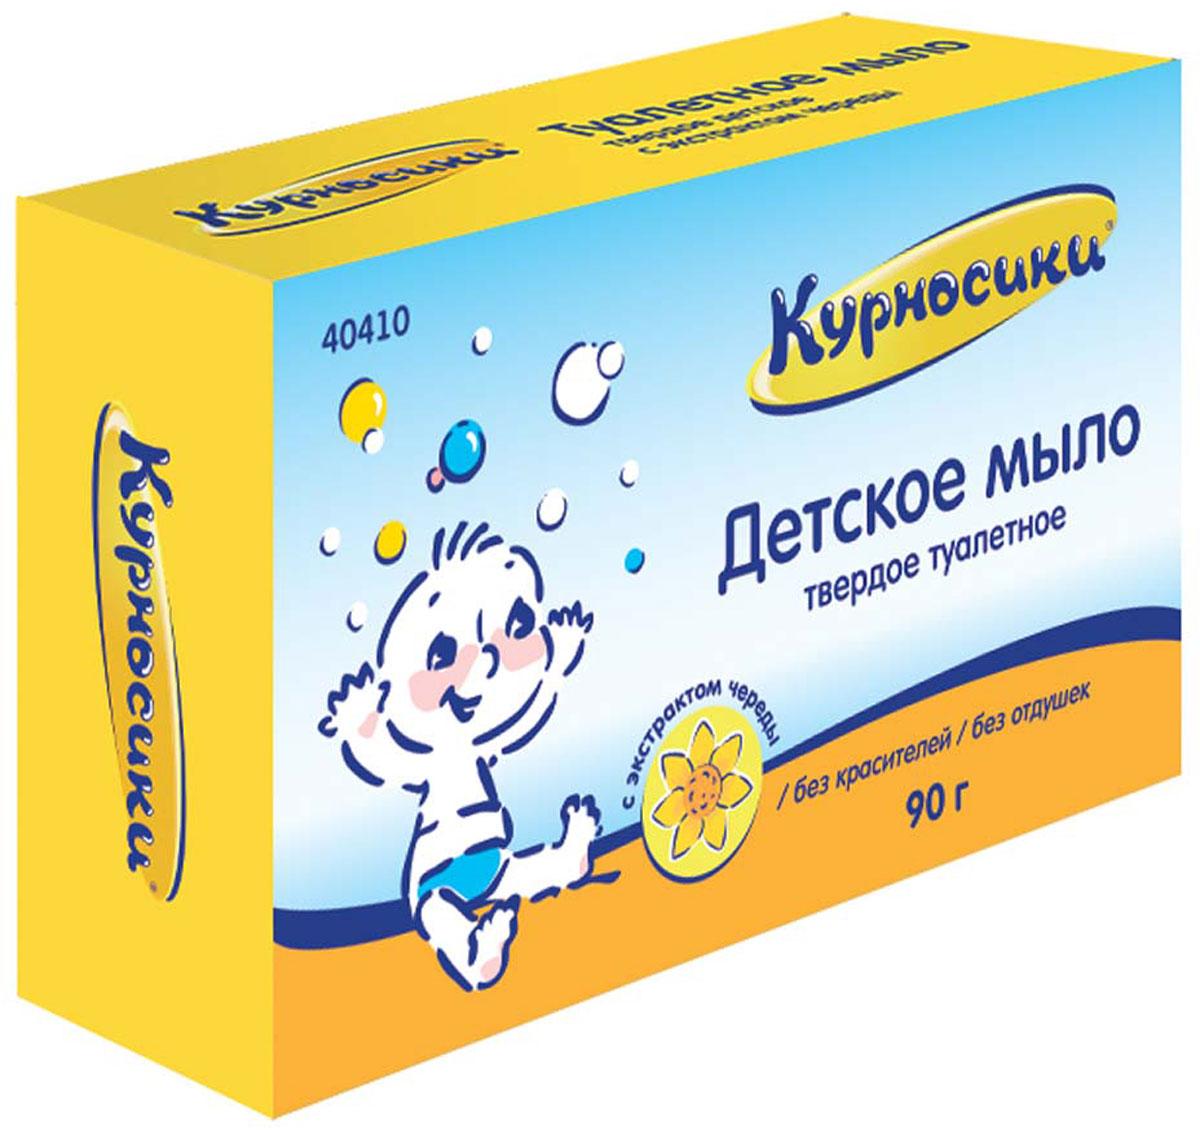 Курносики Мыло Детское с экстрактом череды 90 гHX6082/07Мыло детское Курносики специально разработано для ухода за самой нежной и чувствительной кожей новорожденных. Детское мыло мягко и бережно очищает кожу малыша. Мыло изготовлено из высококачественных натуральных компонентов, не содержит красителей и ароматизаторов, подходит для ежедневного ухода за кожей детей и взрослых.Мыло не содержит красителей и отдушек. Рекомендуемый возраст: от 0 месяцев. Товар сертифицирован.